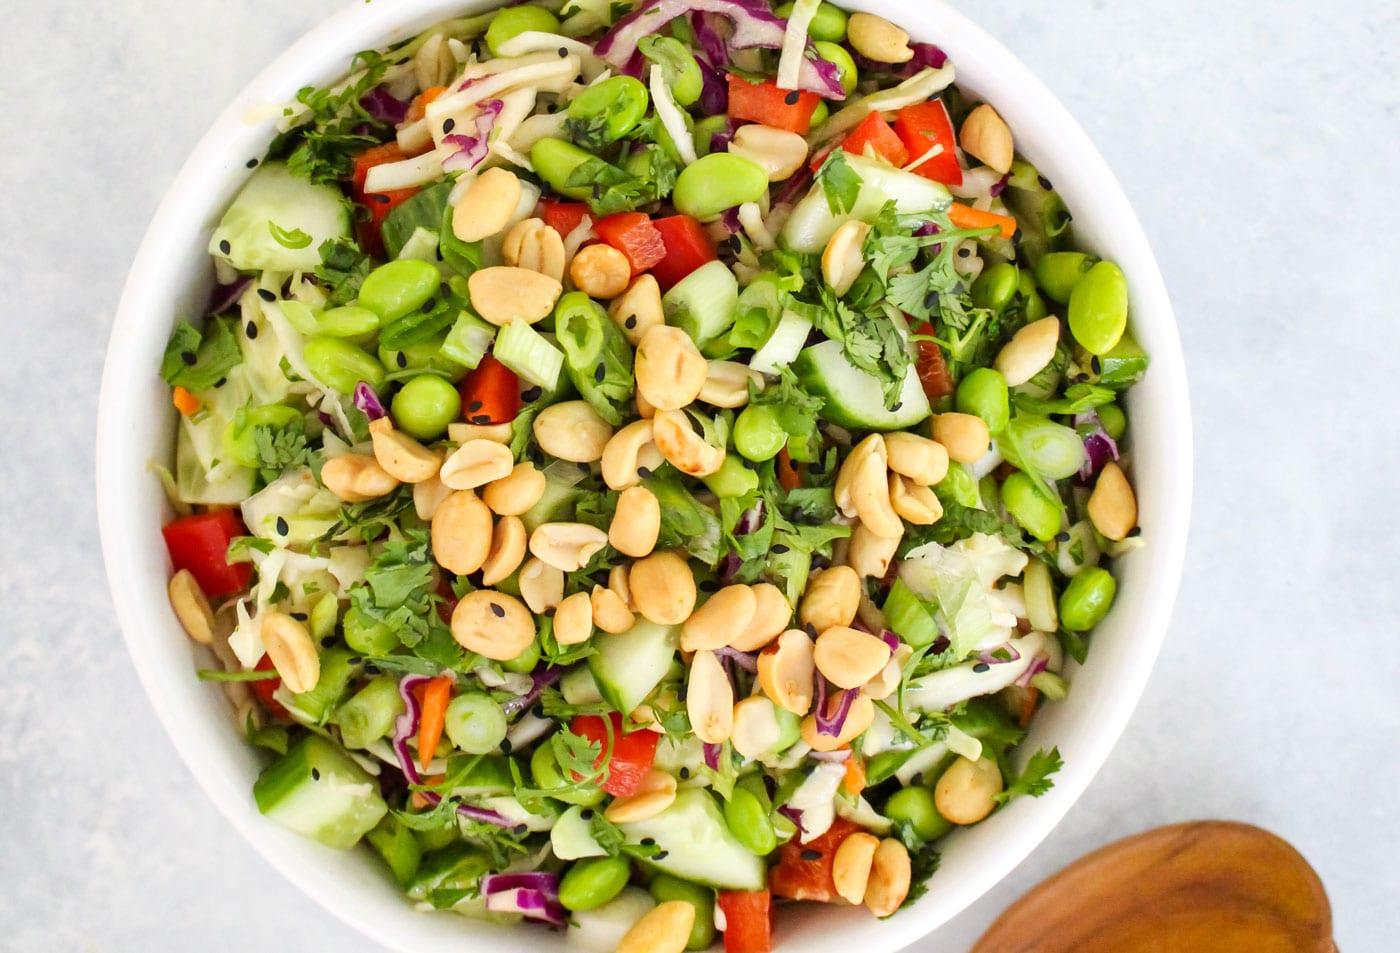 10 Easy Vegan Recipes for Beginners